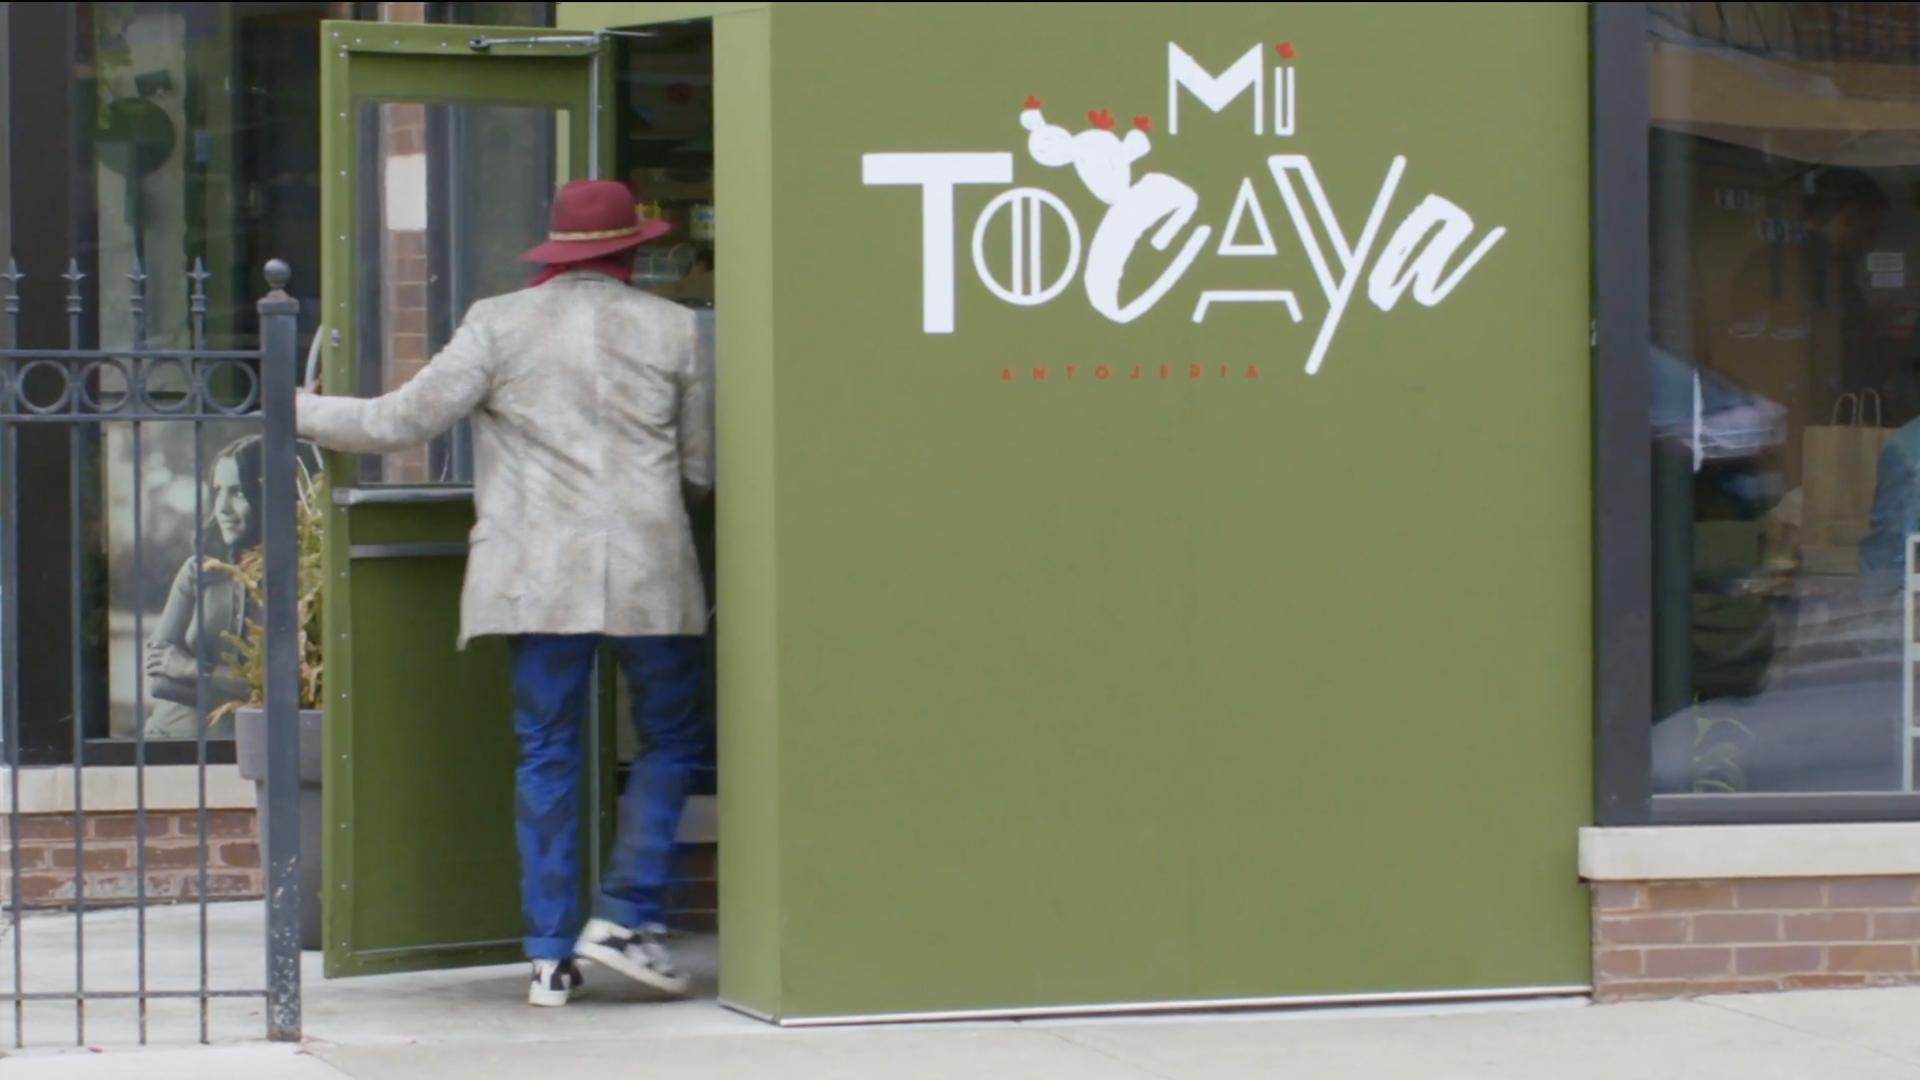 Mii Tocaya